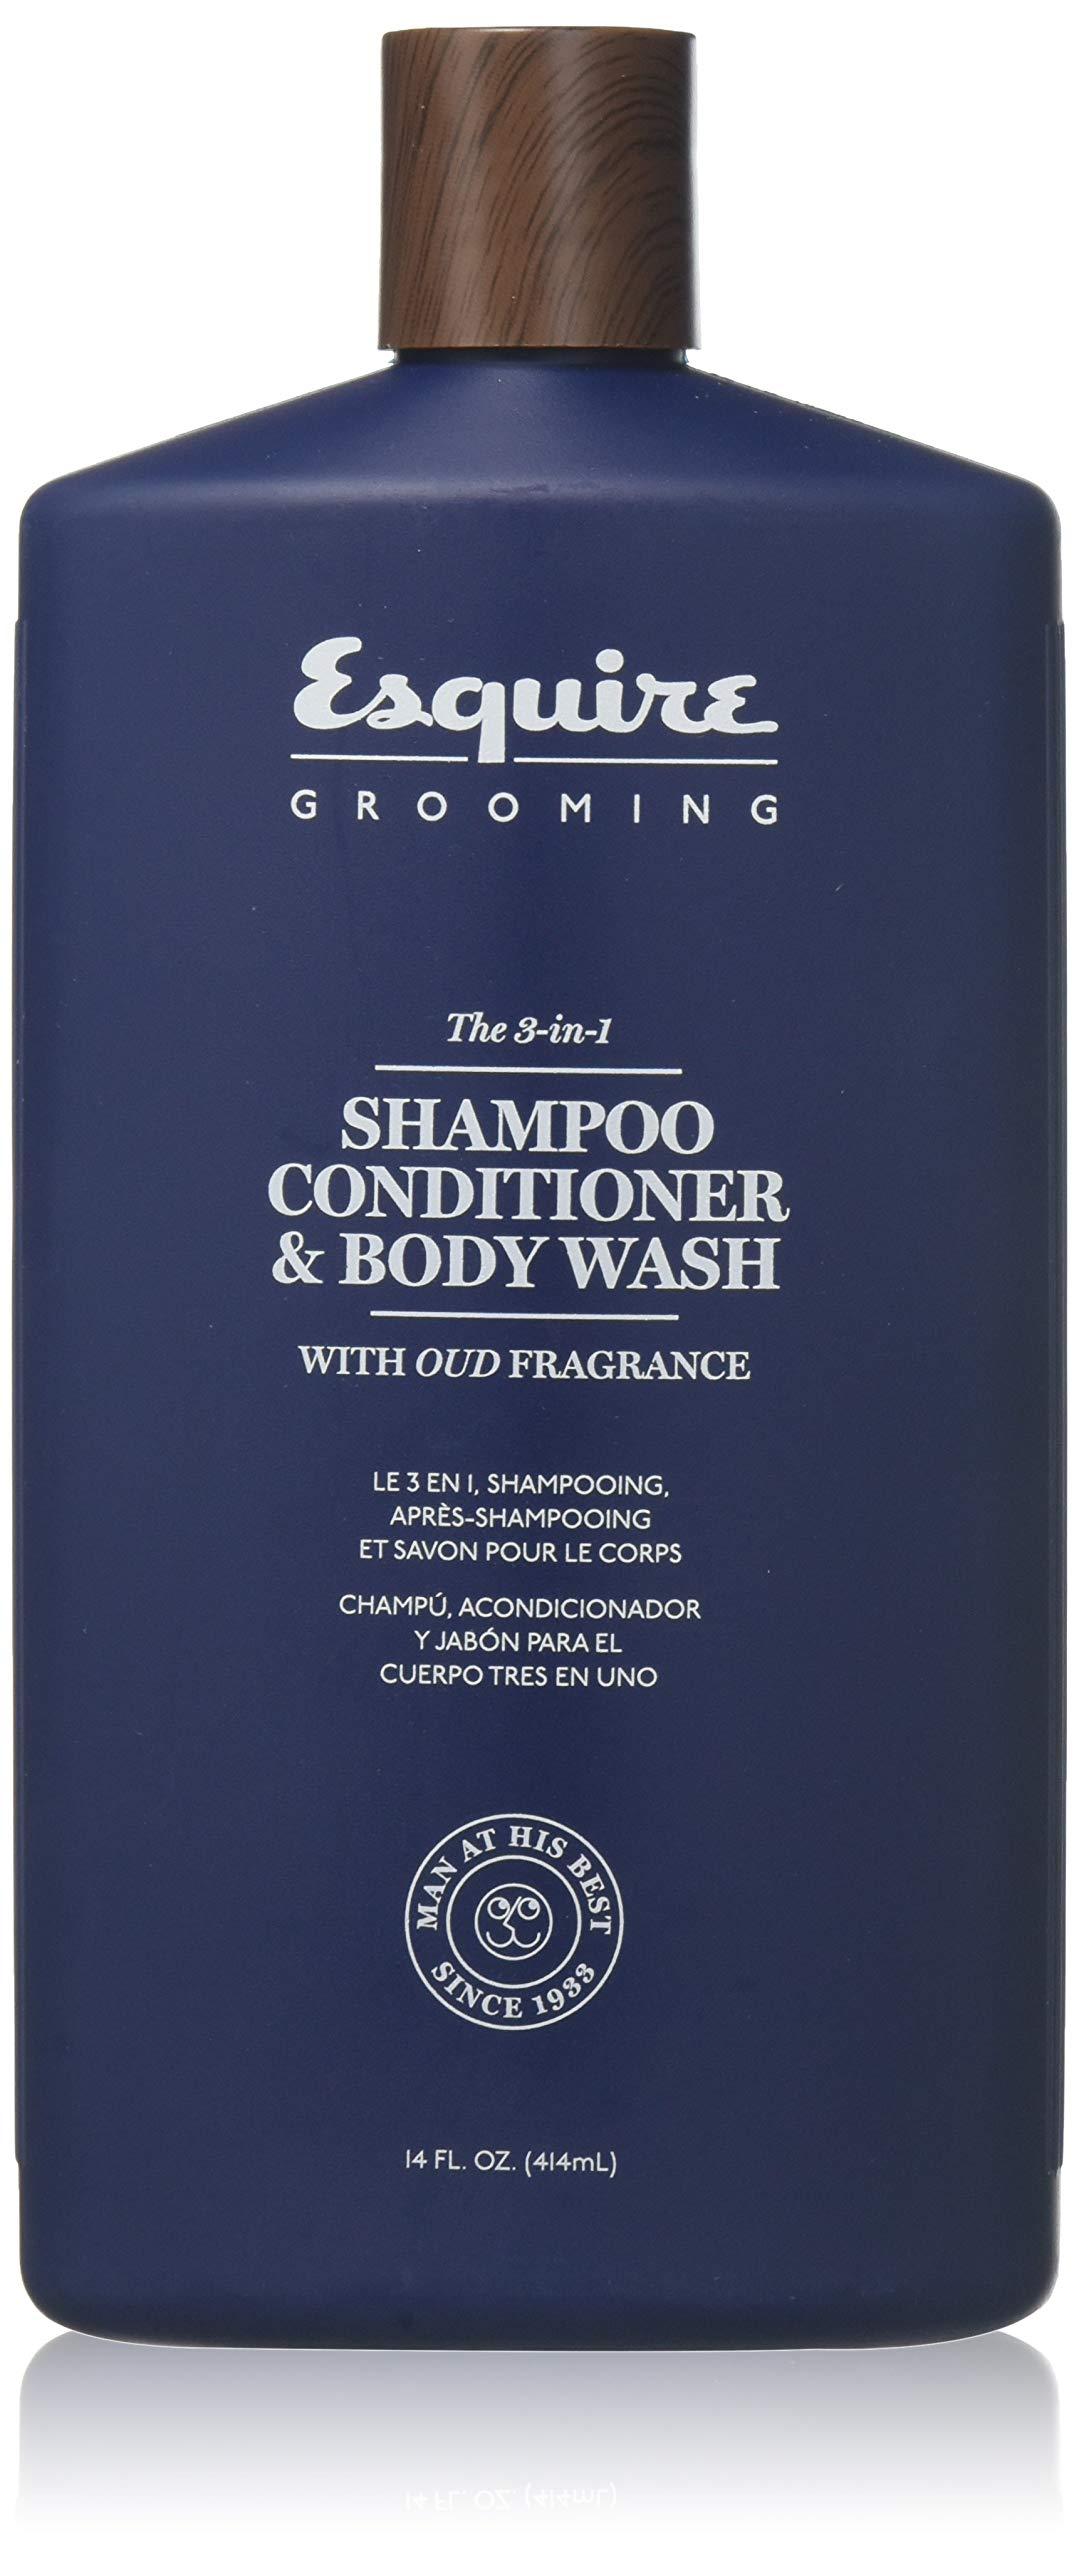 5d0d057b0850 Amazon.com: Esquire 3-in-1 Shampoo Conditioner & Body Wash 14 Oz.: Beauty